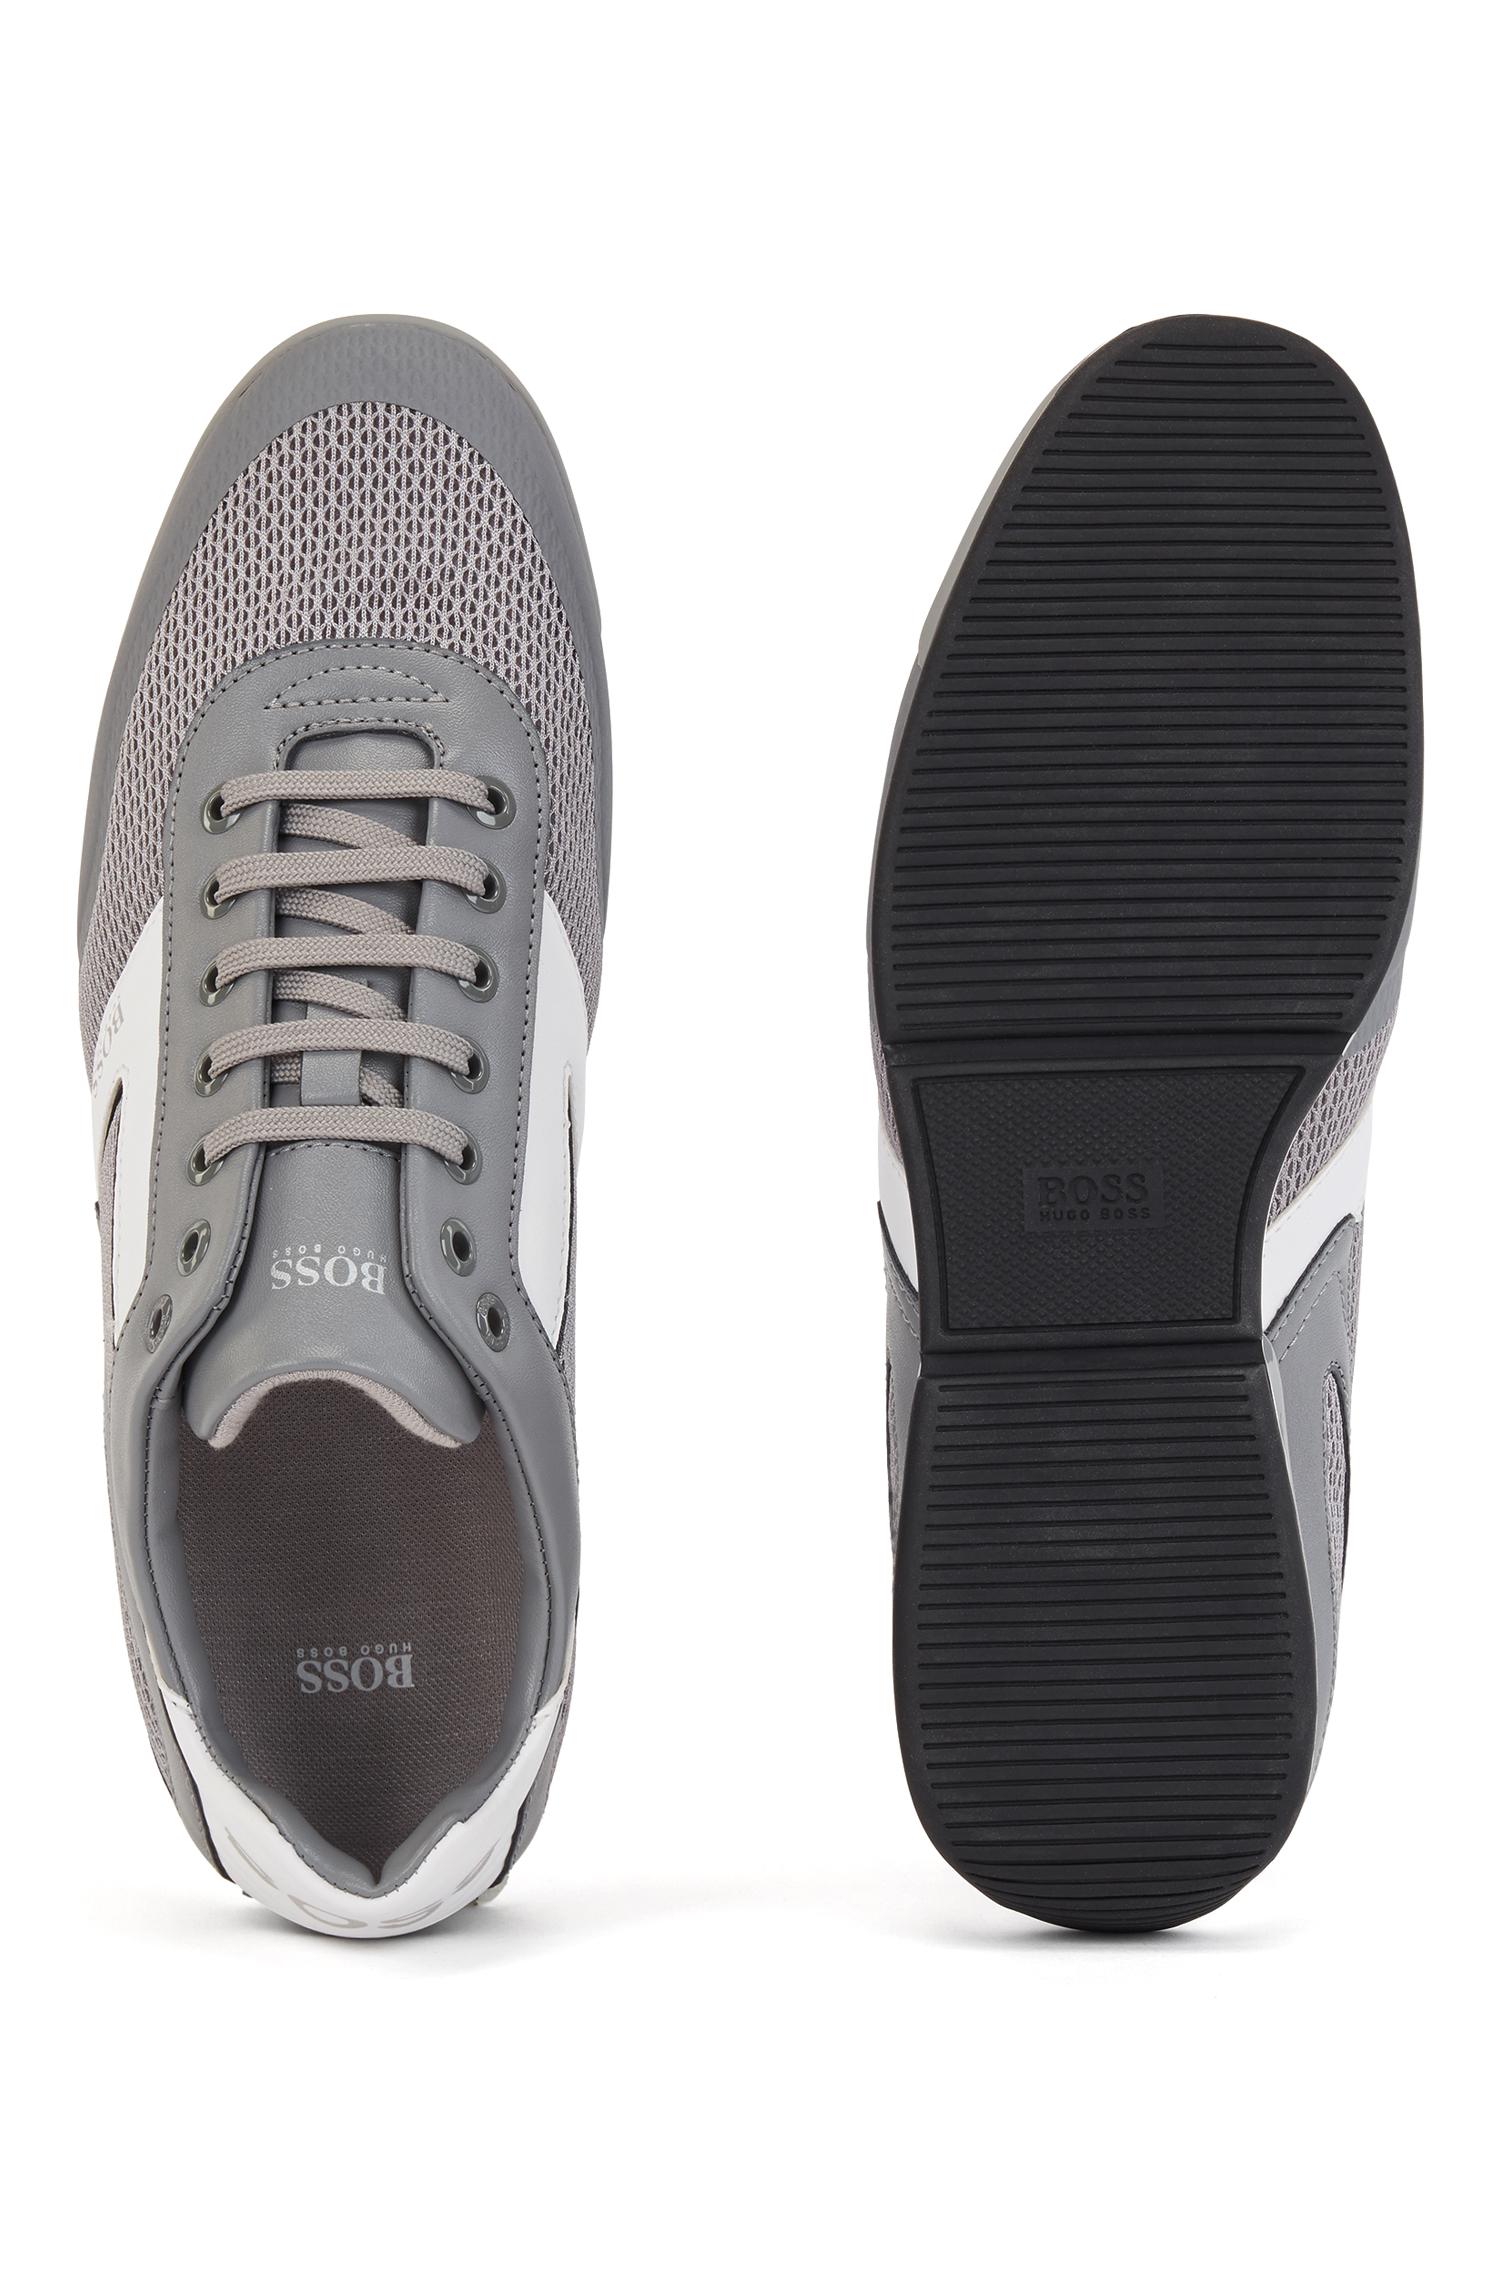 Tênis contemporâneos da BOSS. feitos com malha, elementos reflexivos e detalhes termocolados, esses tênis são impressos com um laser